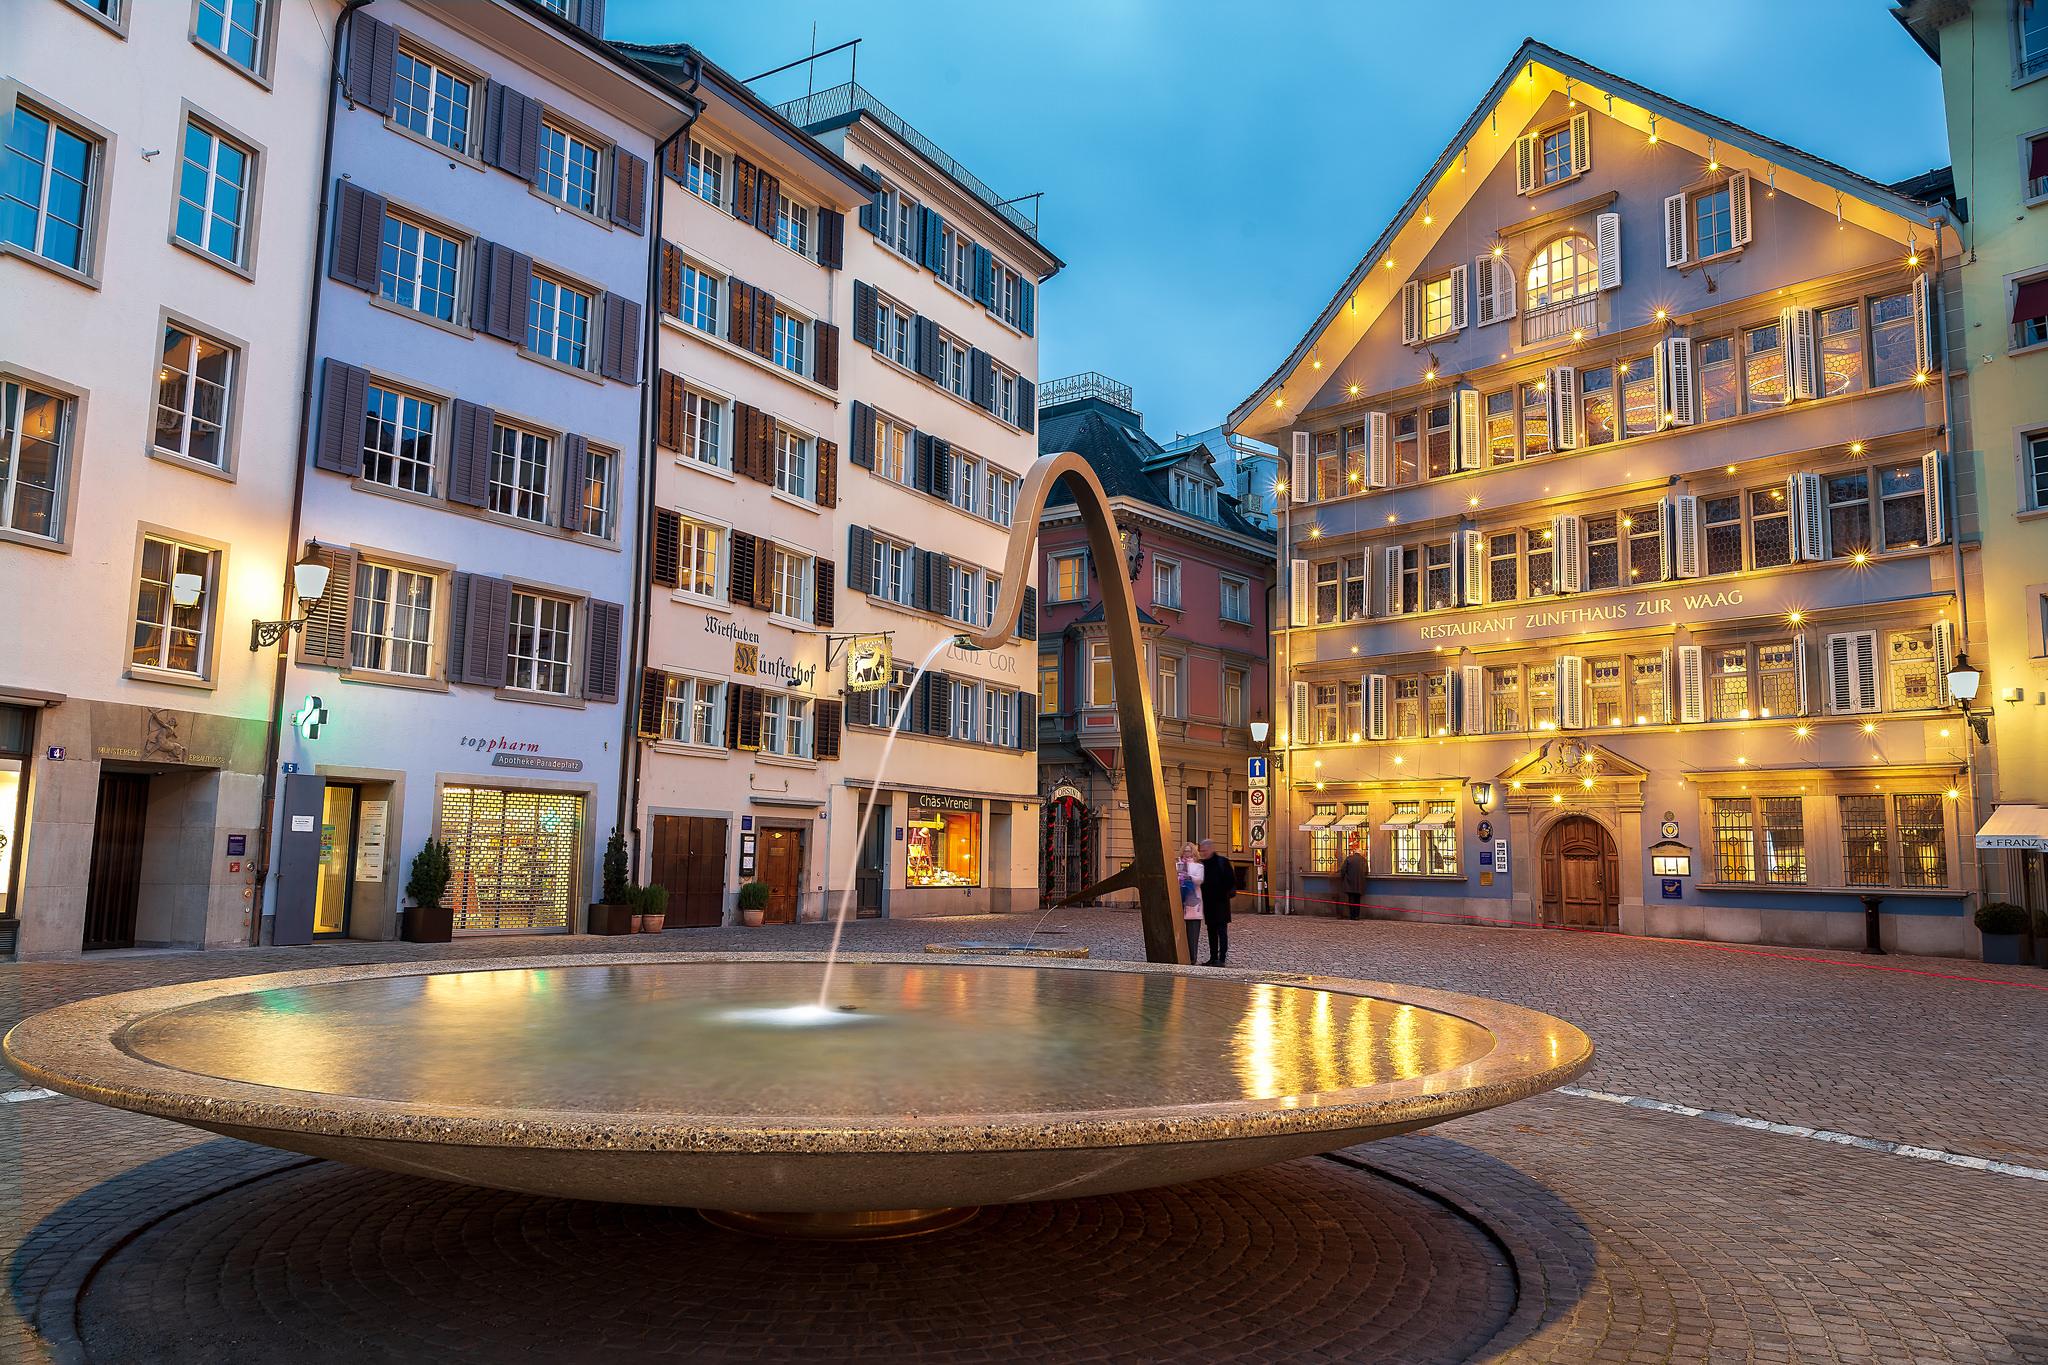 Fountain in Zurich Central, Switzerland